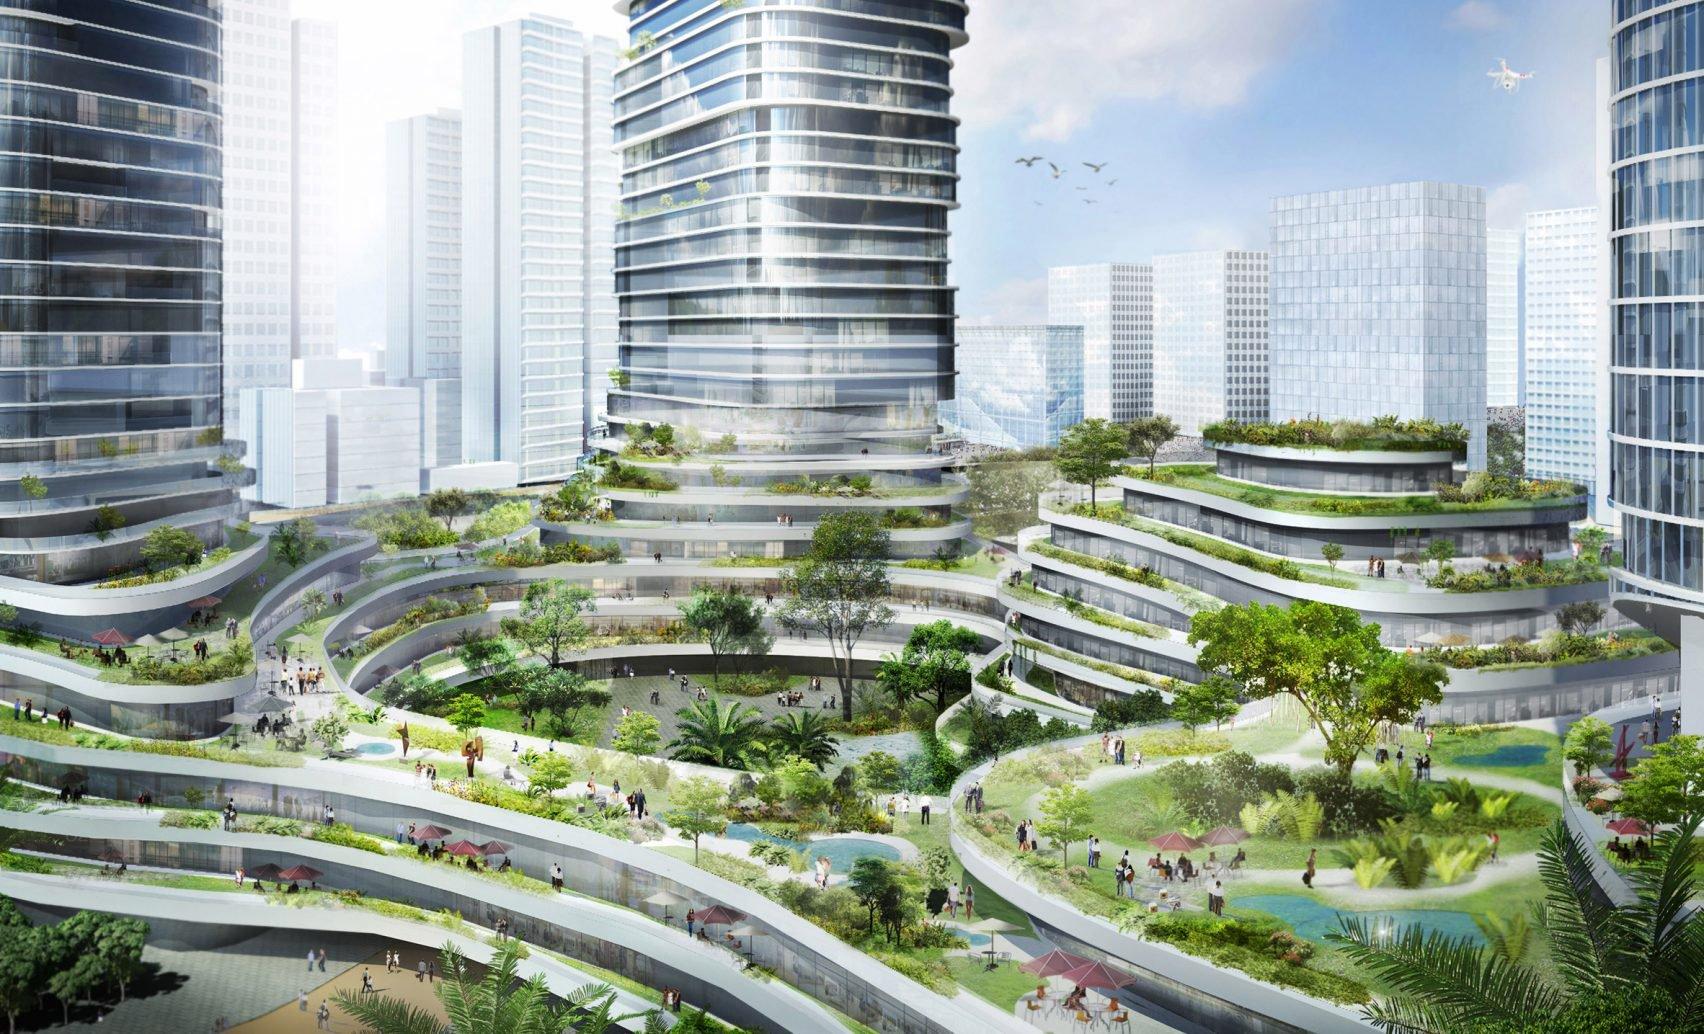 empire-city-ole-scheeren-ho-chi-min-vietnam-news-architecture_dezeen_2364_col_1-1704x1034.jpg